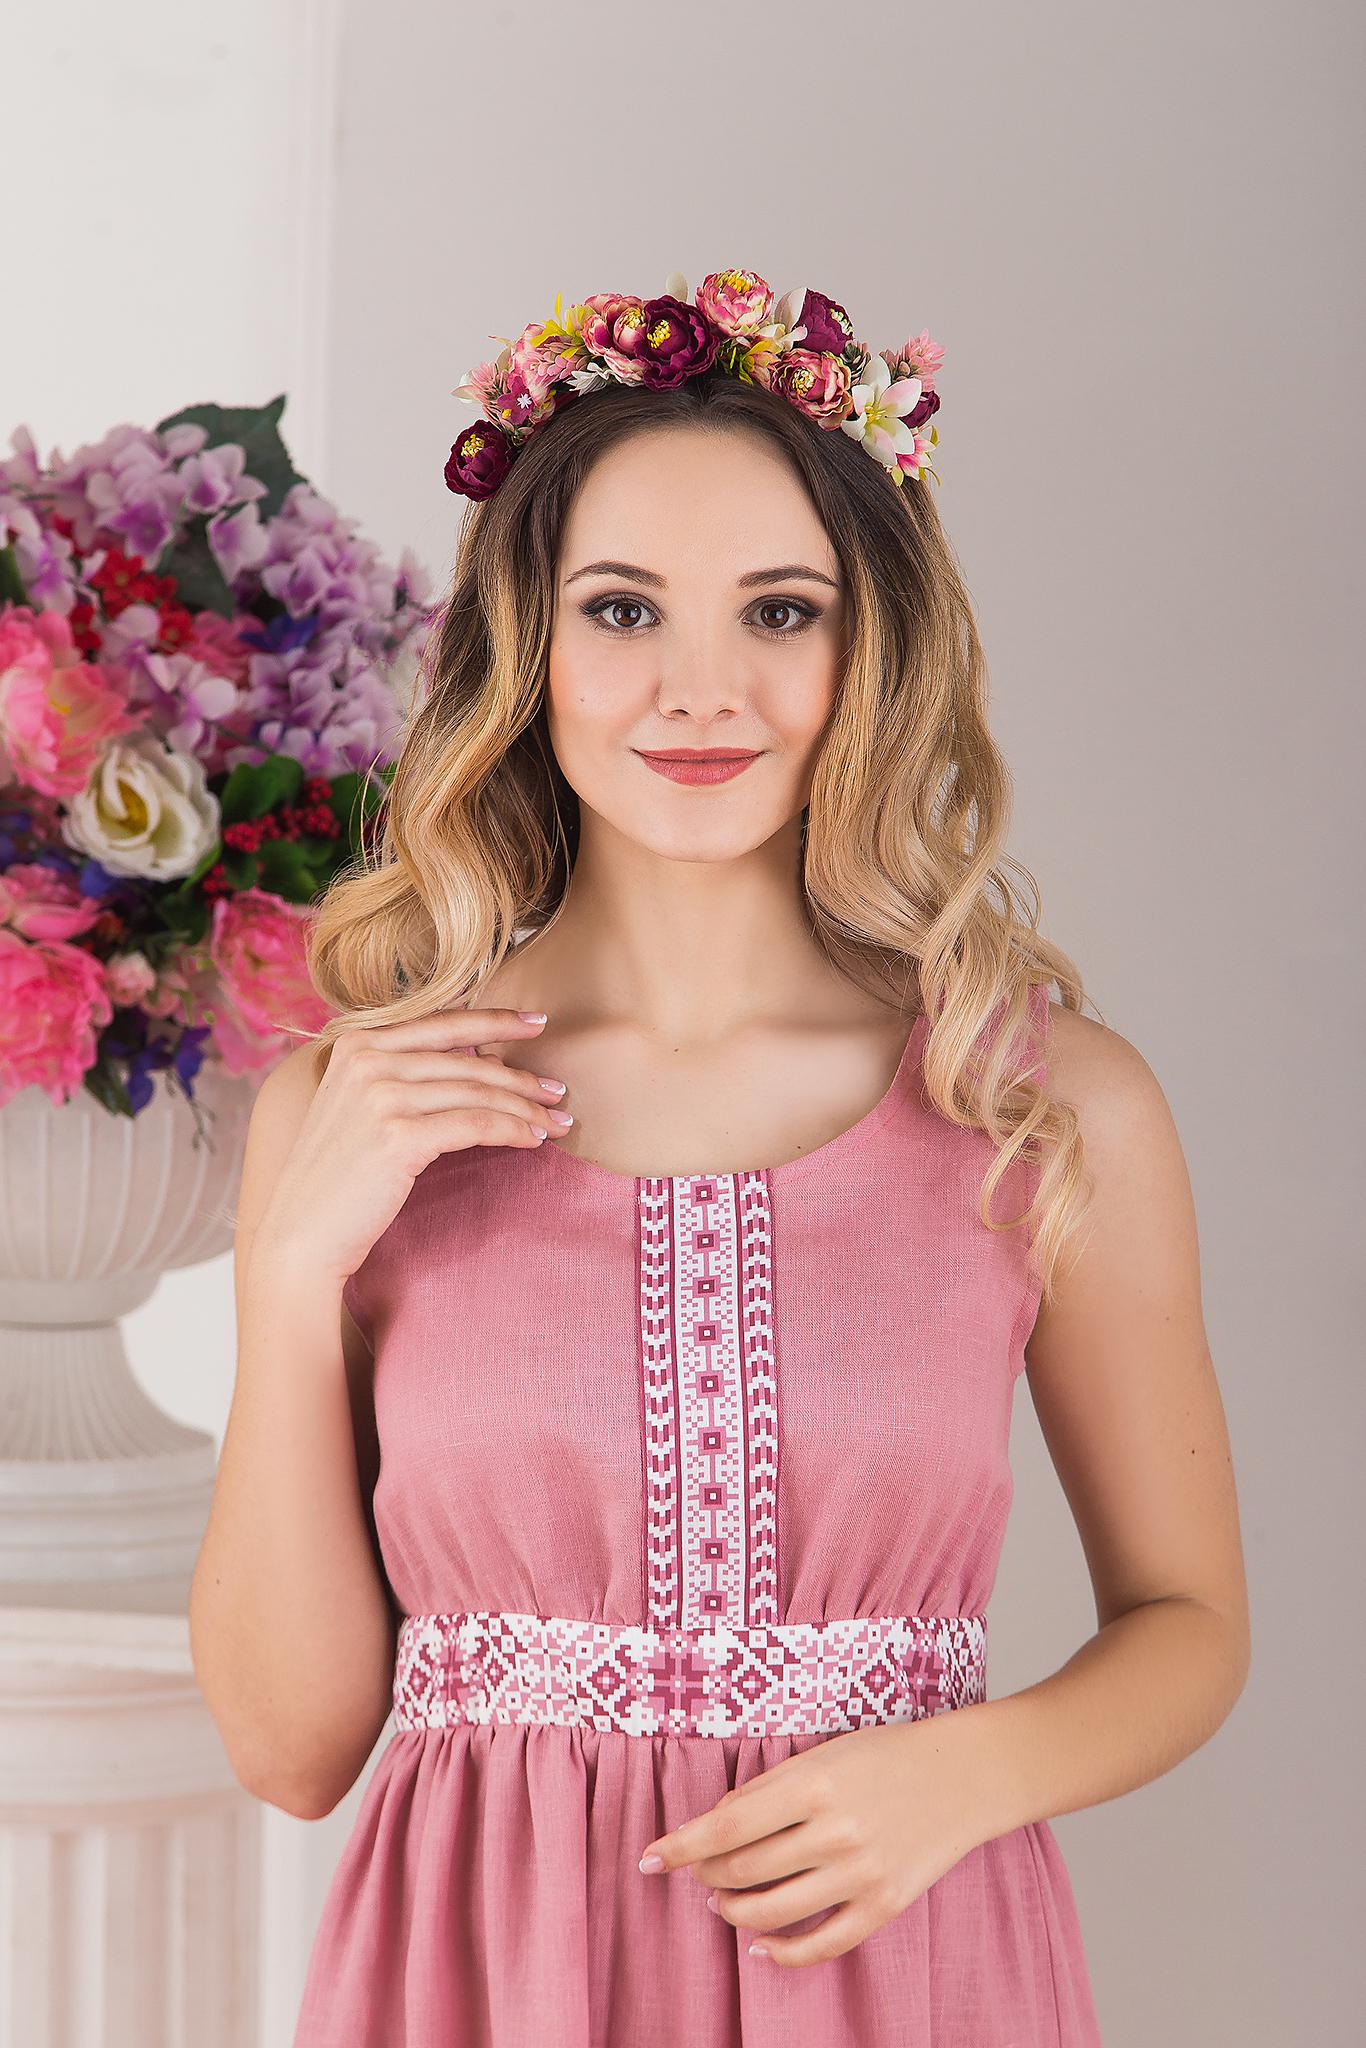 Сарафан традиционный розовый льняной Алатырь от Иванка приближенный фрагмент